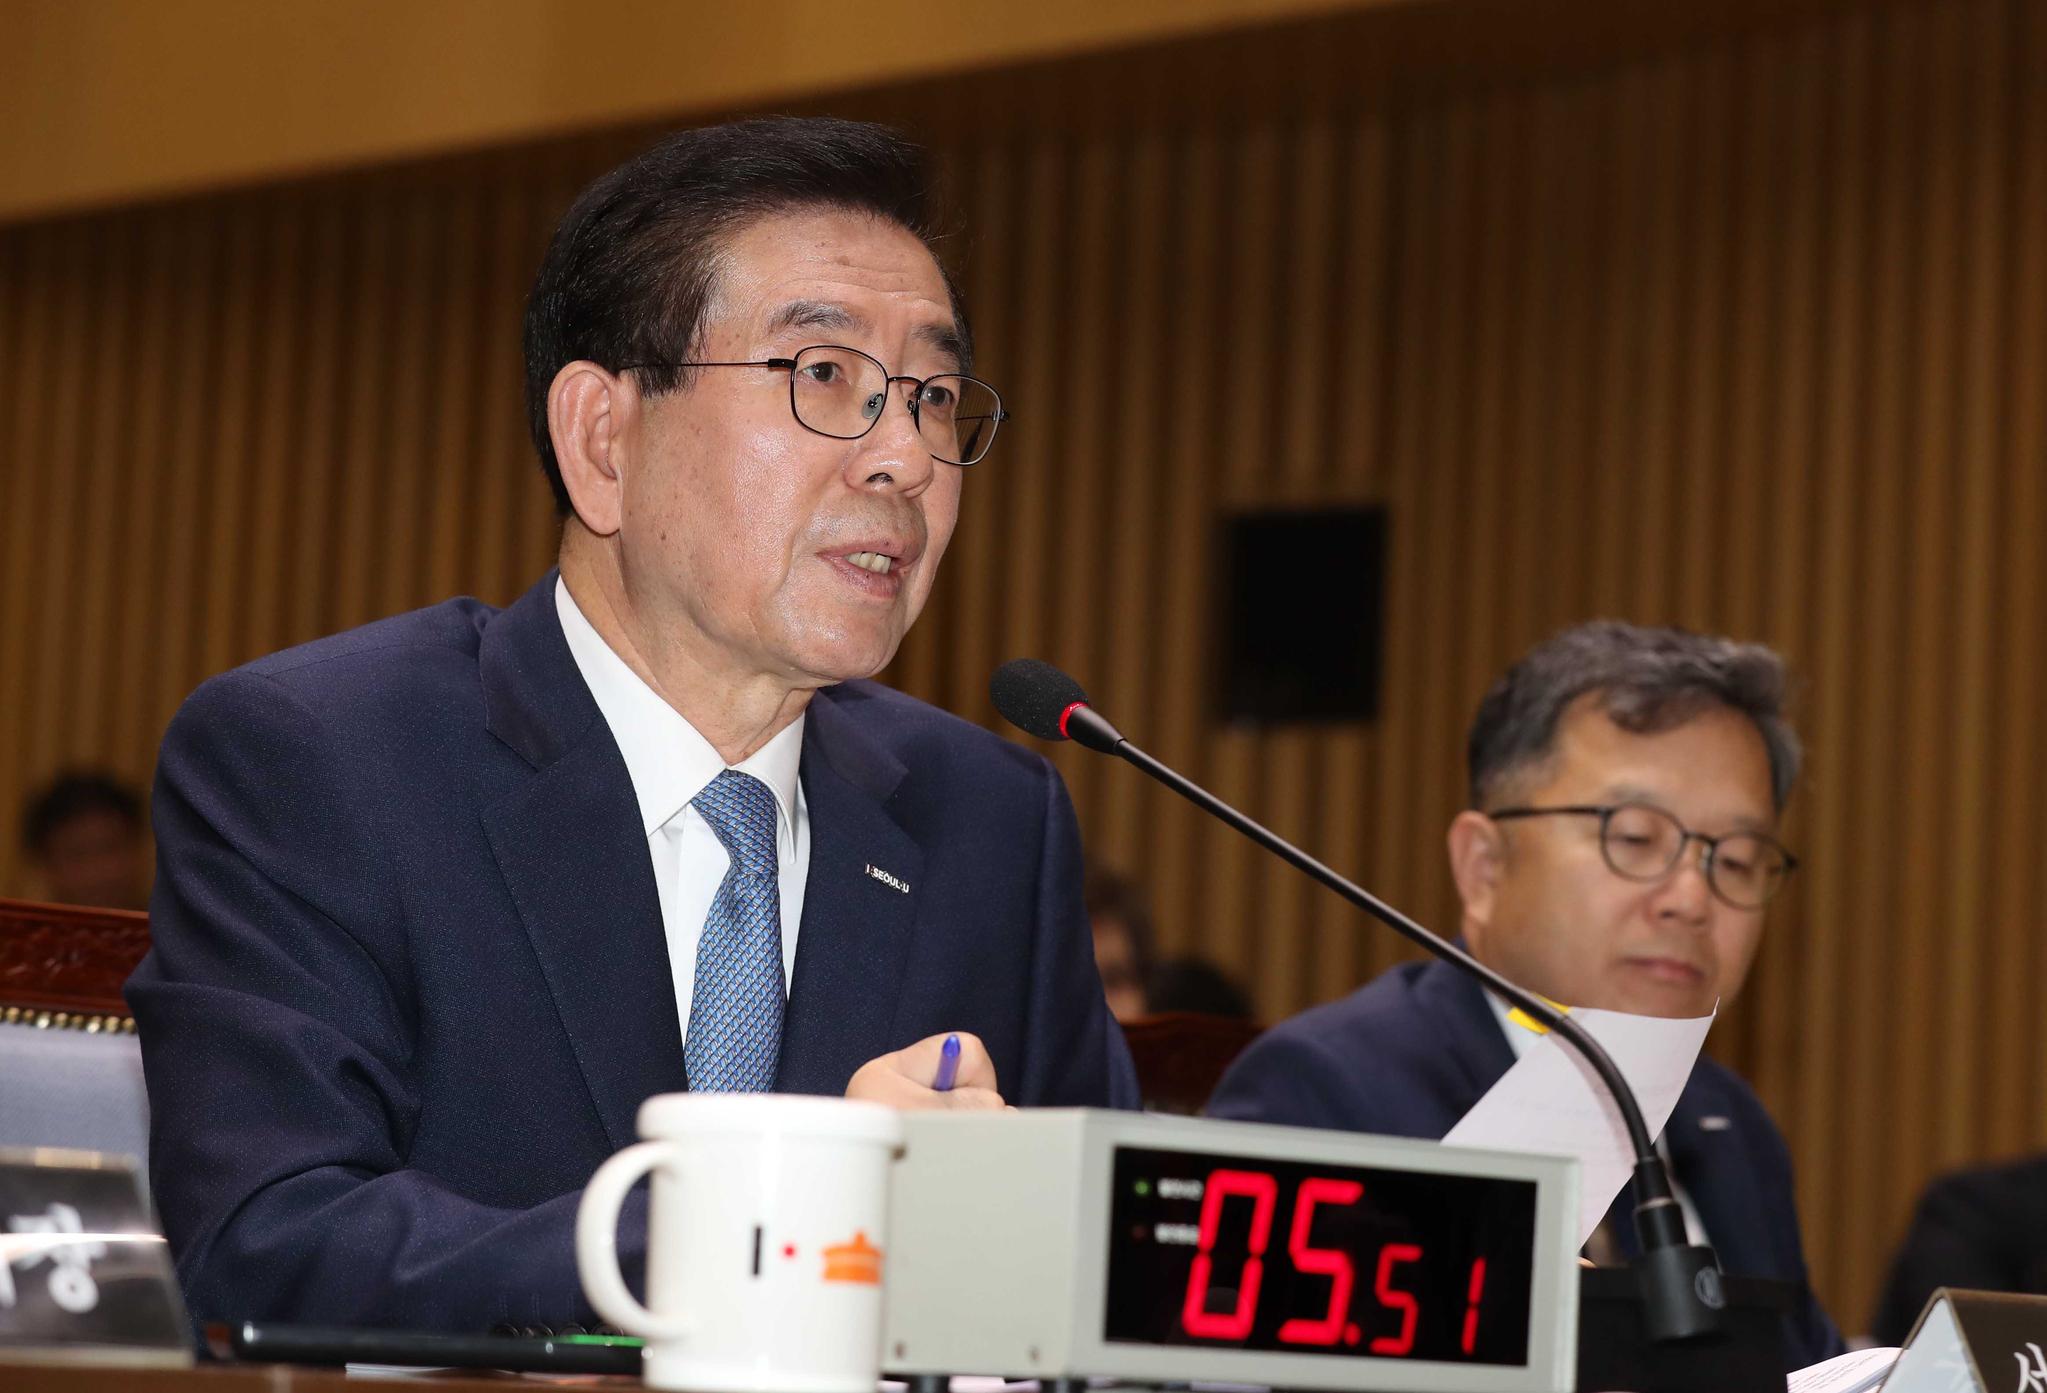 박원순 서울시장이 18일 서울시청에서 열린 국회 행정안전위원회 국정감사에서 의원들의 질의에 답하고 있다. 김상선 기자